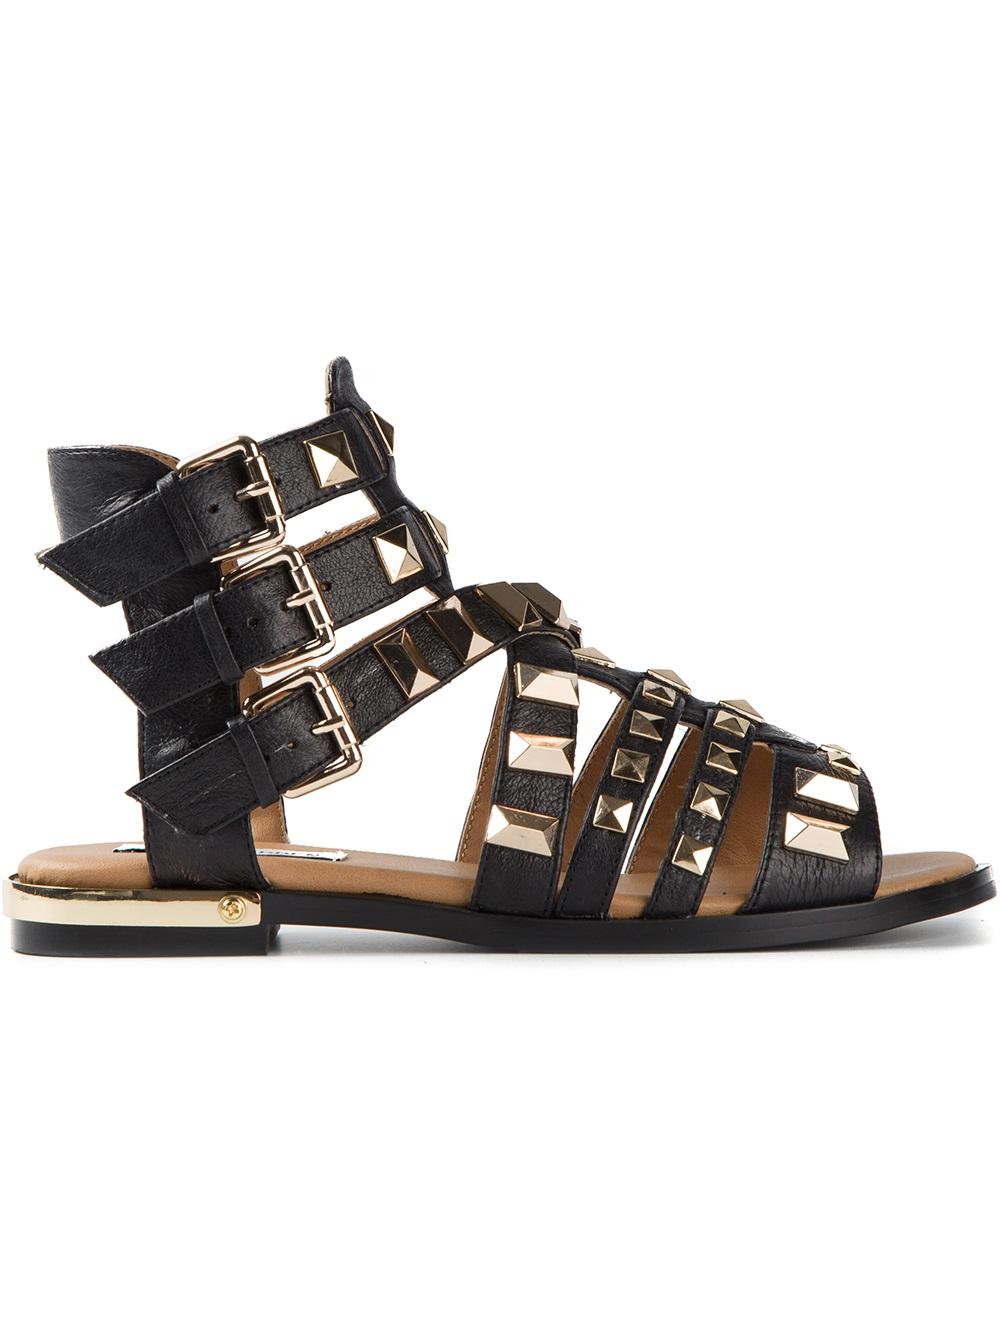 Lyst Steve Madden Herra Flat Sandals In Black